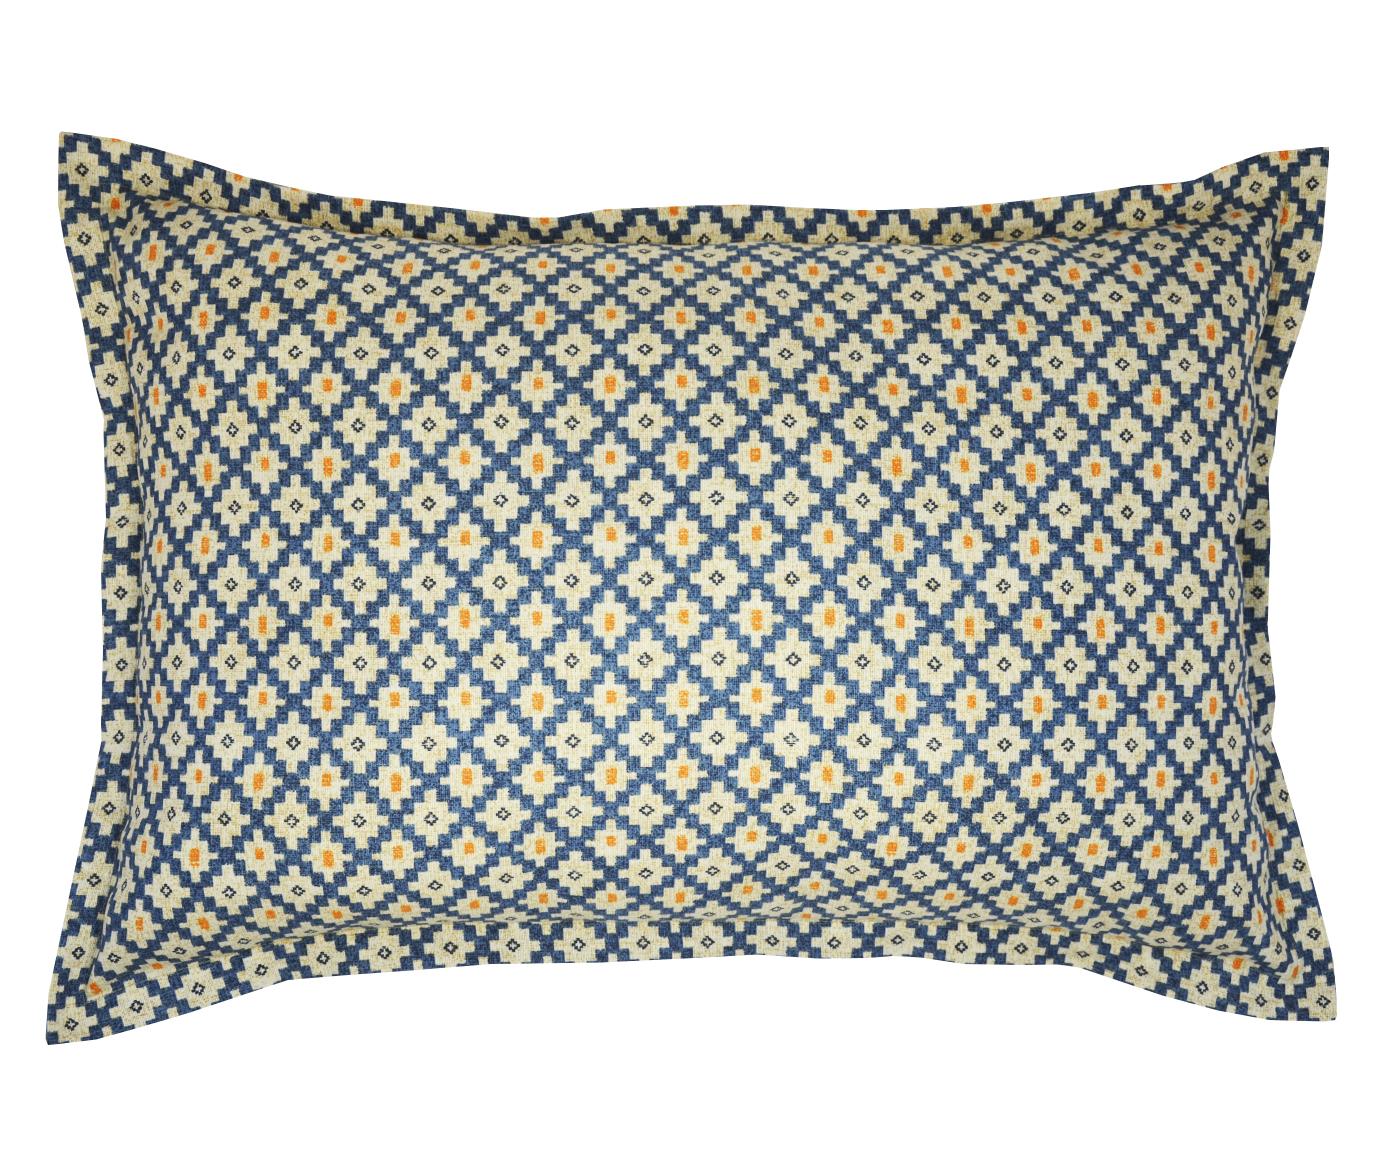 Наволочка Calella bluПрямоугольные подушки и наволочки<br><br><br>Material: Хлопок<br>Ширина см: 70<br>Высота см: 50